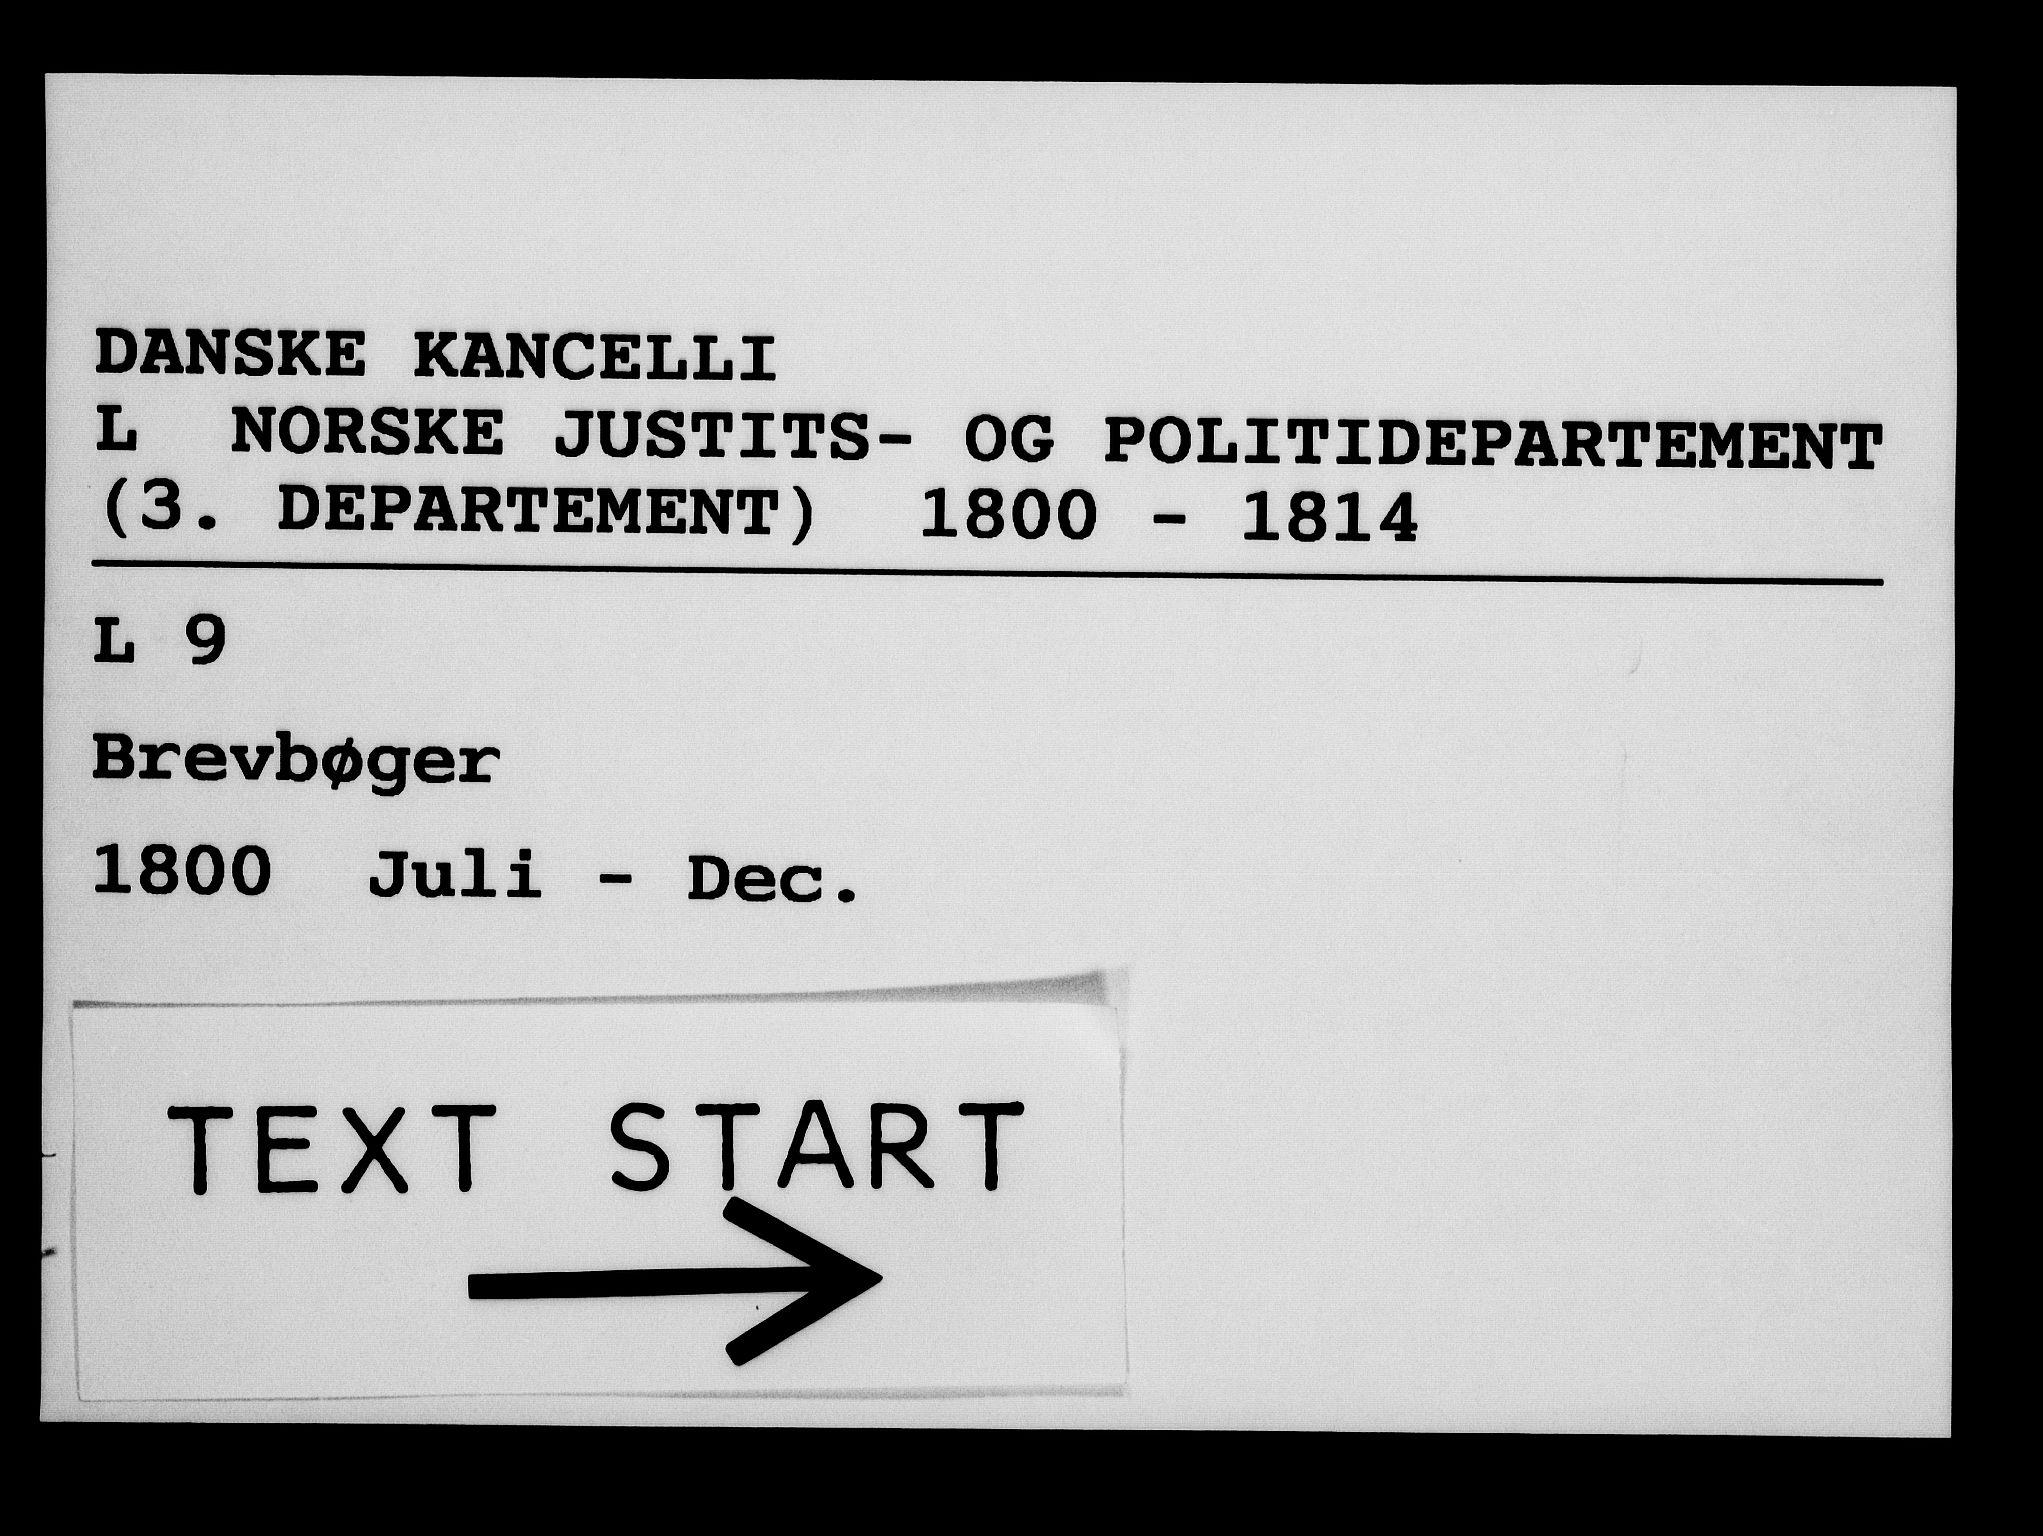 RA, Danske Kanselli 1800-1814, H/Hg/Hga/Hgaa/L0002: Brevbok, 1800